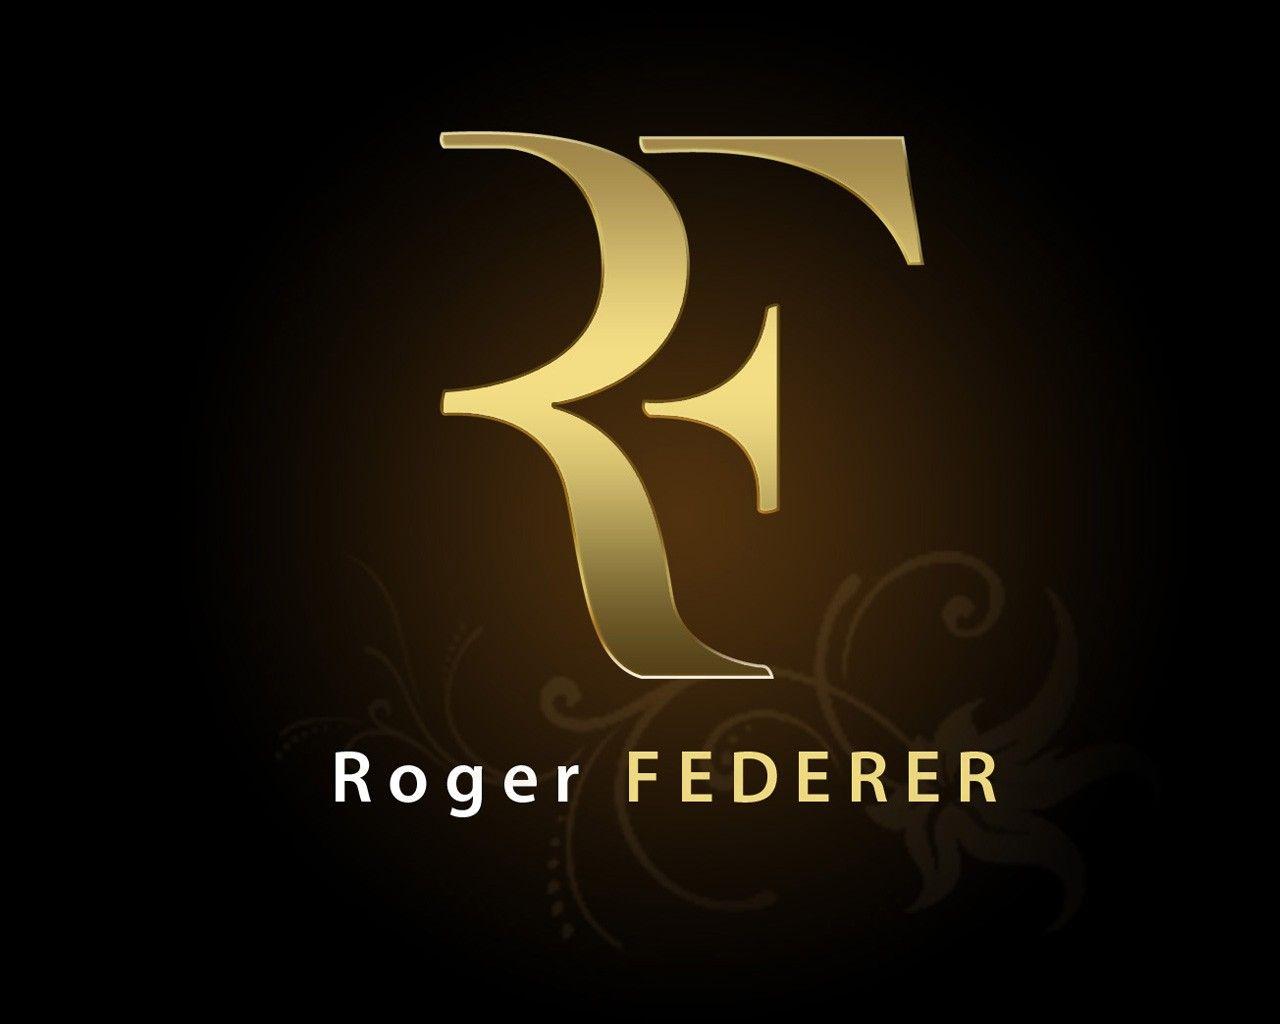 Roger Federer おしゃれまとめの人気アイデア Pinterest Dajon Avesci フェデラー ロジャーフェデラー テニス